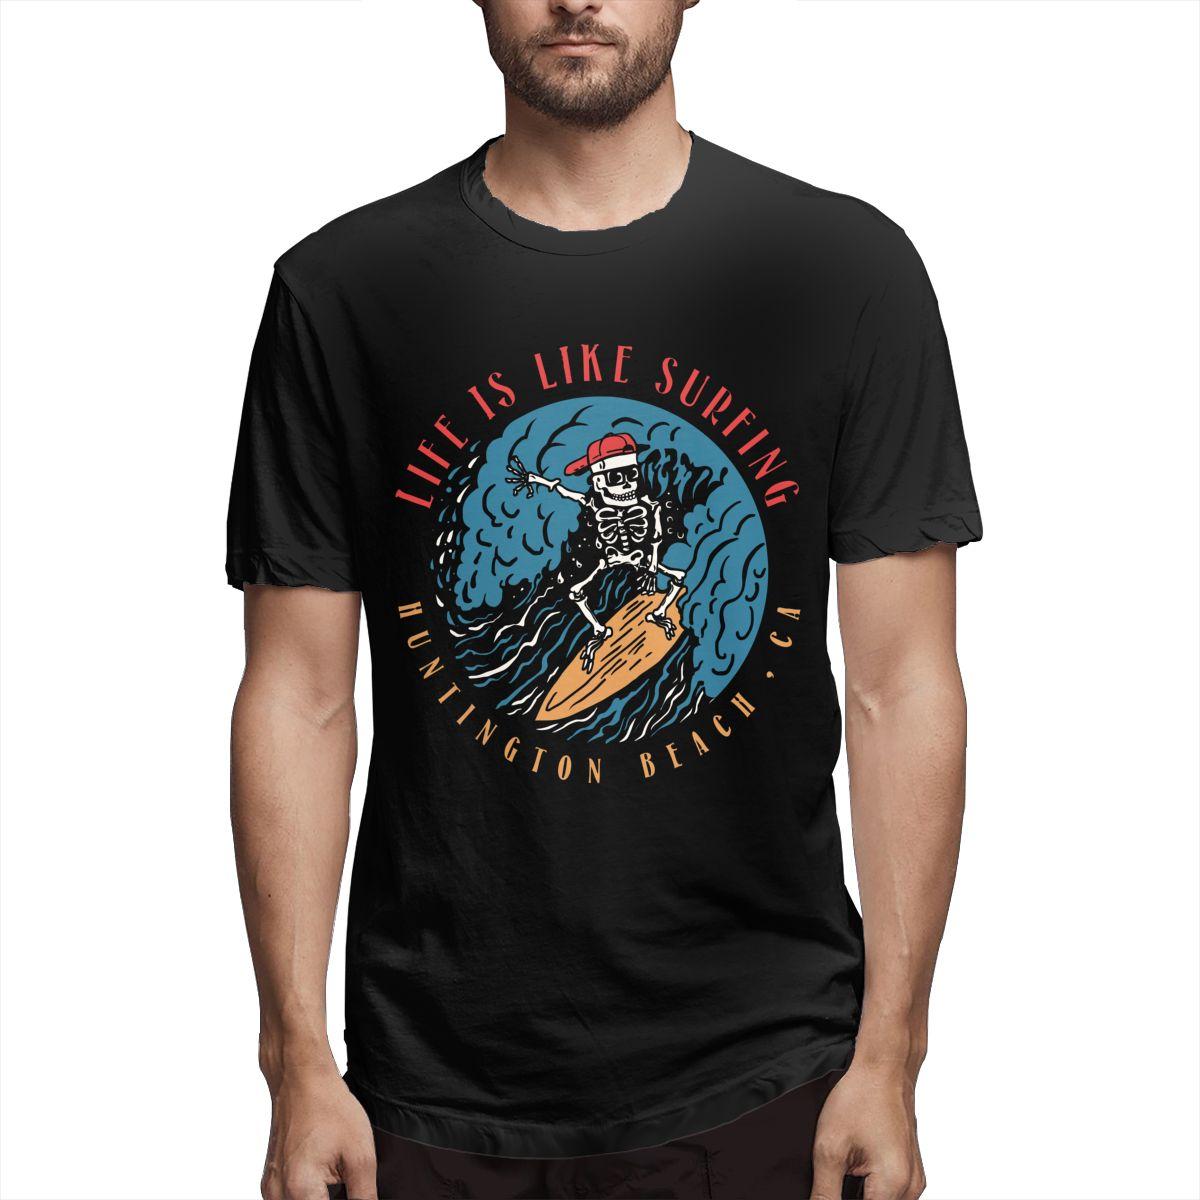 Camiseta informal de manga corta para hombre, Camiseta con estampado de